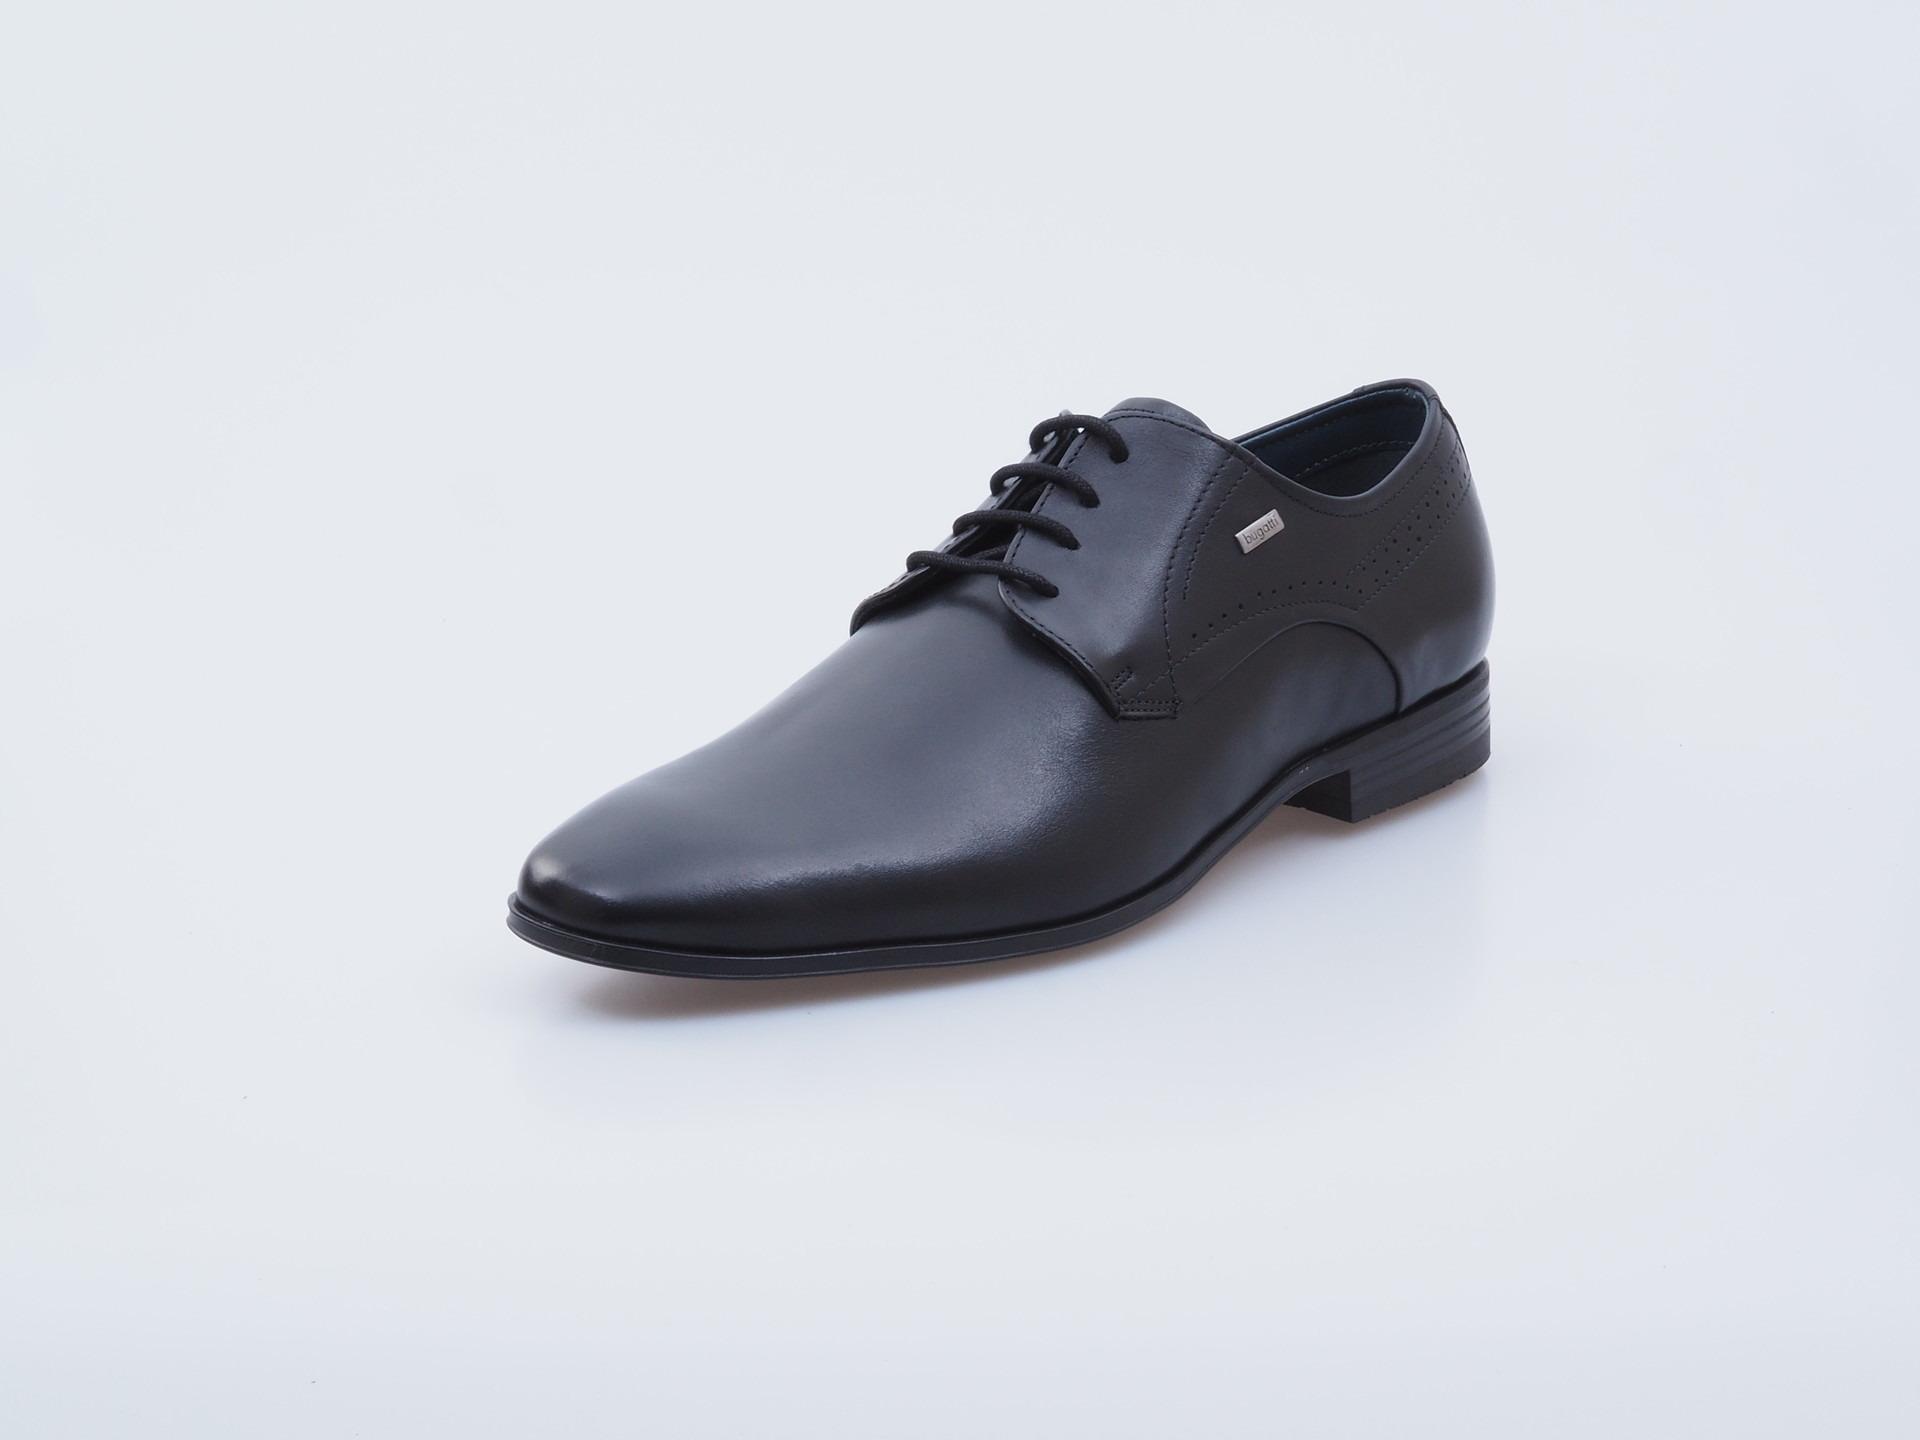 70118d1b6ddf Soňa - Pánska obuv - Poltopánky - Čierne kožené topánky na ...